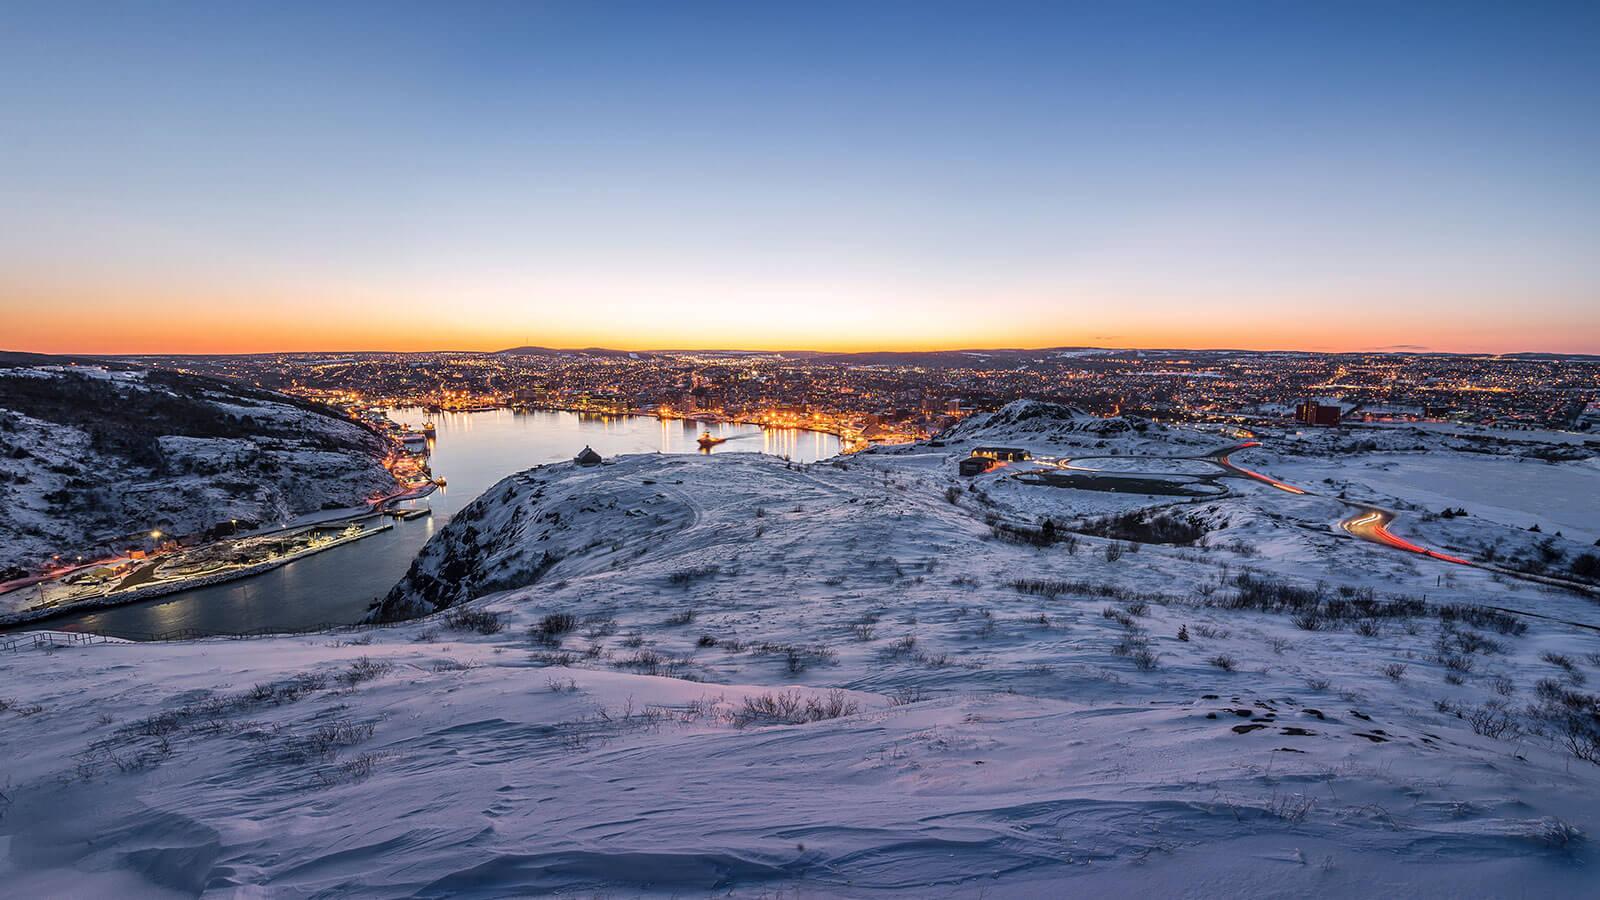 The best of St. John's winter - image